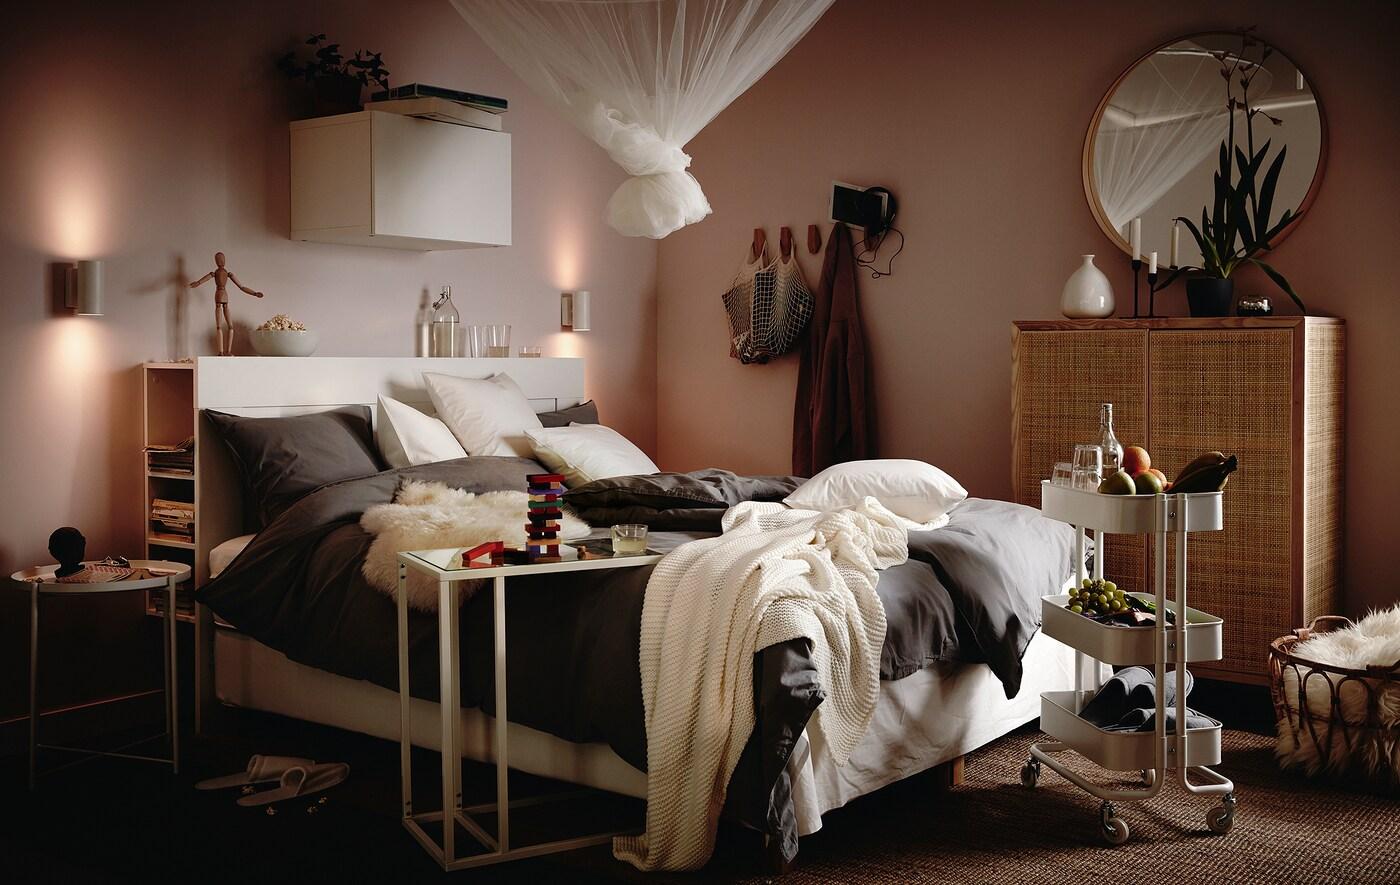 Ein Bett mit flauschigen Decken, Kissen und Plaids, einem Servierwagen mit Snacks und Getränken sowie einem Netz, das geknotet darüber hängt.